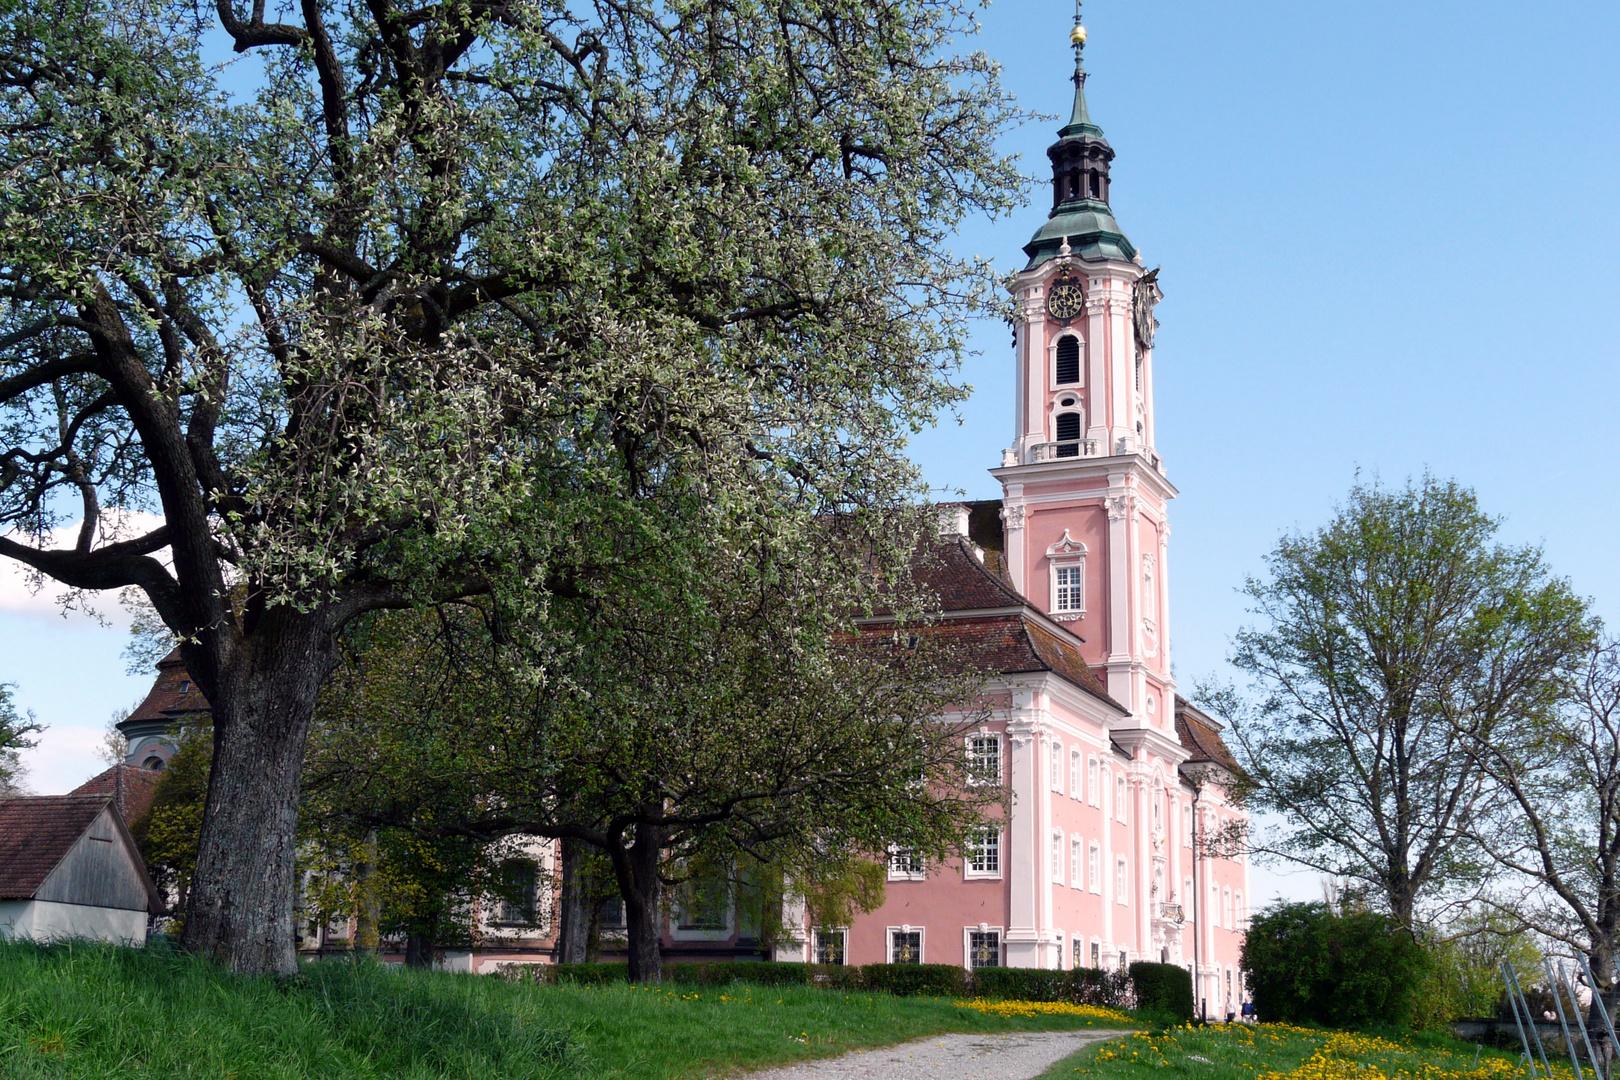 Kirche von Birnau im Frühling